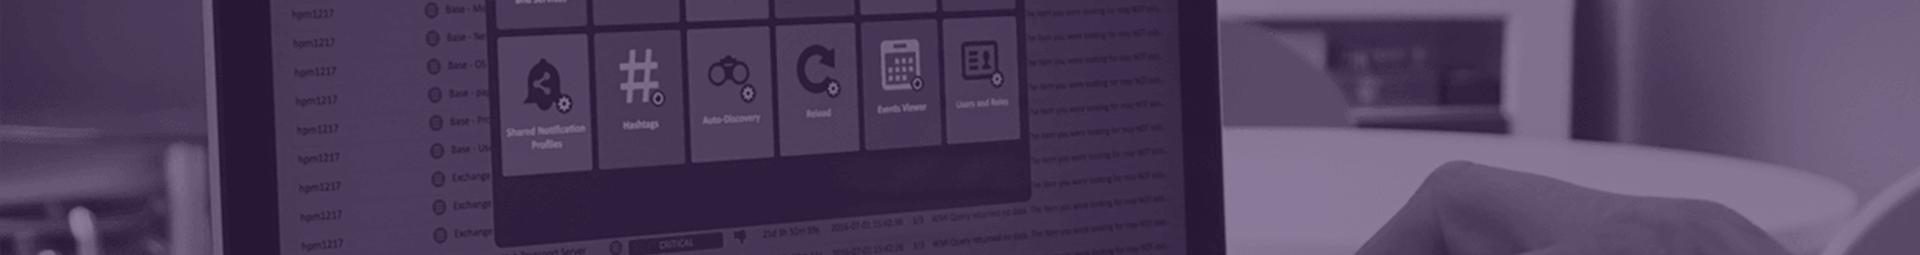 Website and Server Uptime